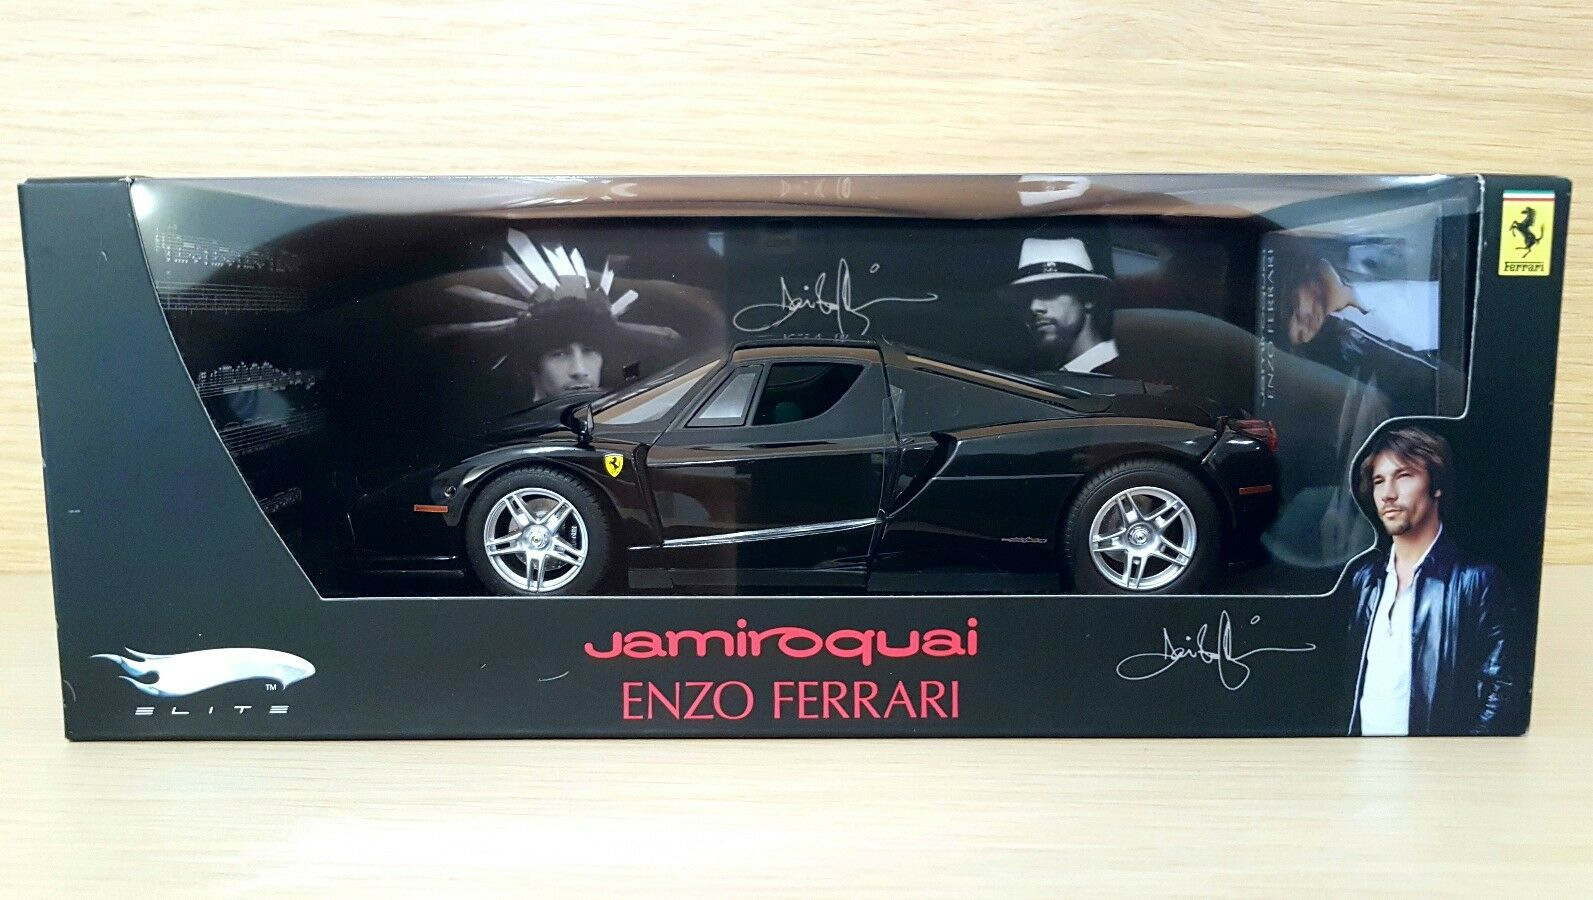 Ferrari Enzo Ferrari Jamiroquai (2002) 1 18 Hot Wheels Elite Limited Edition